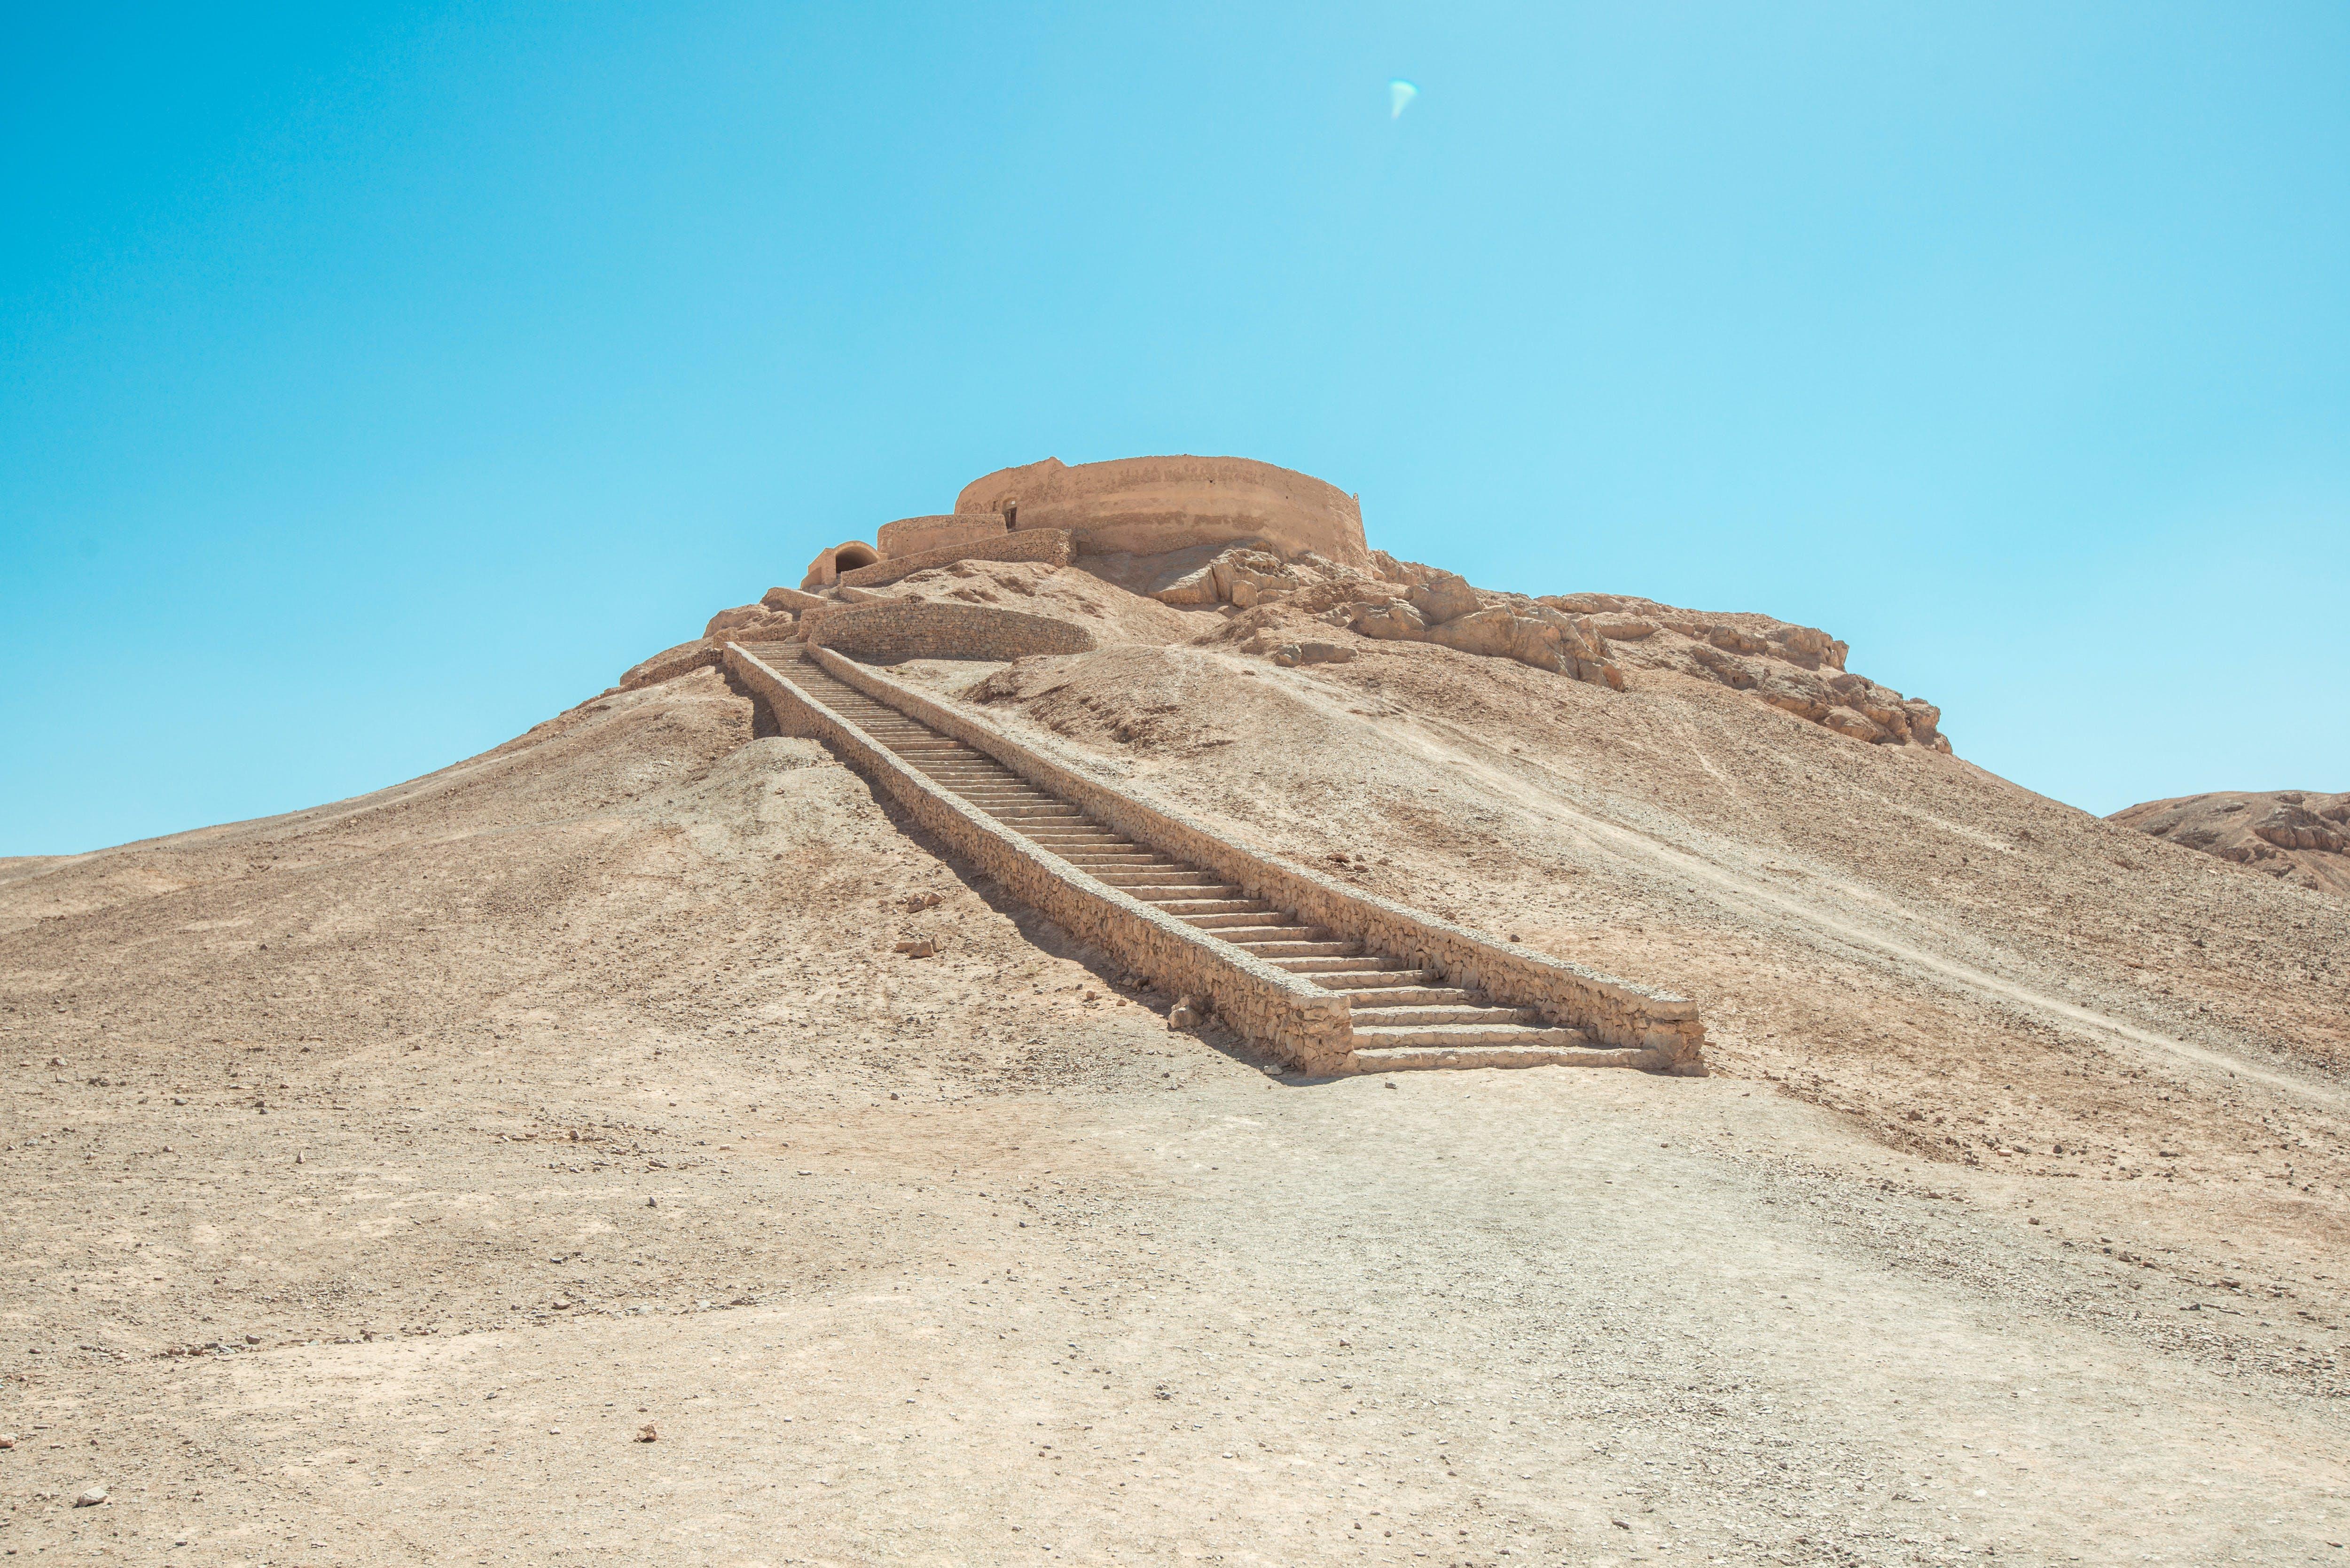 乾旱, 乾的, 古老的, 地標 的 免费素材照片